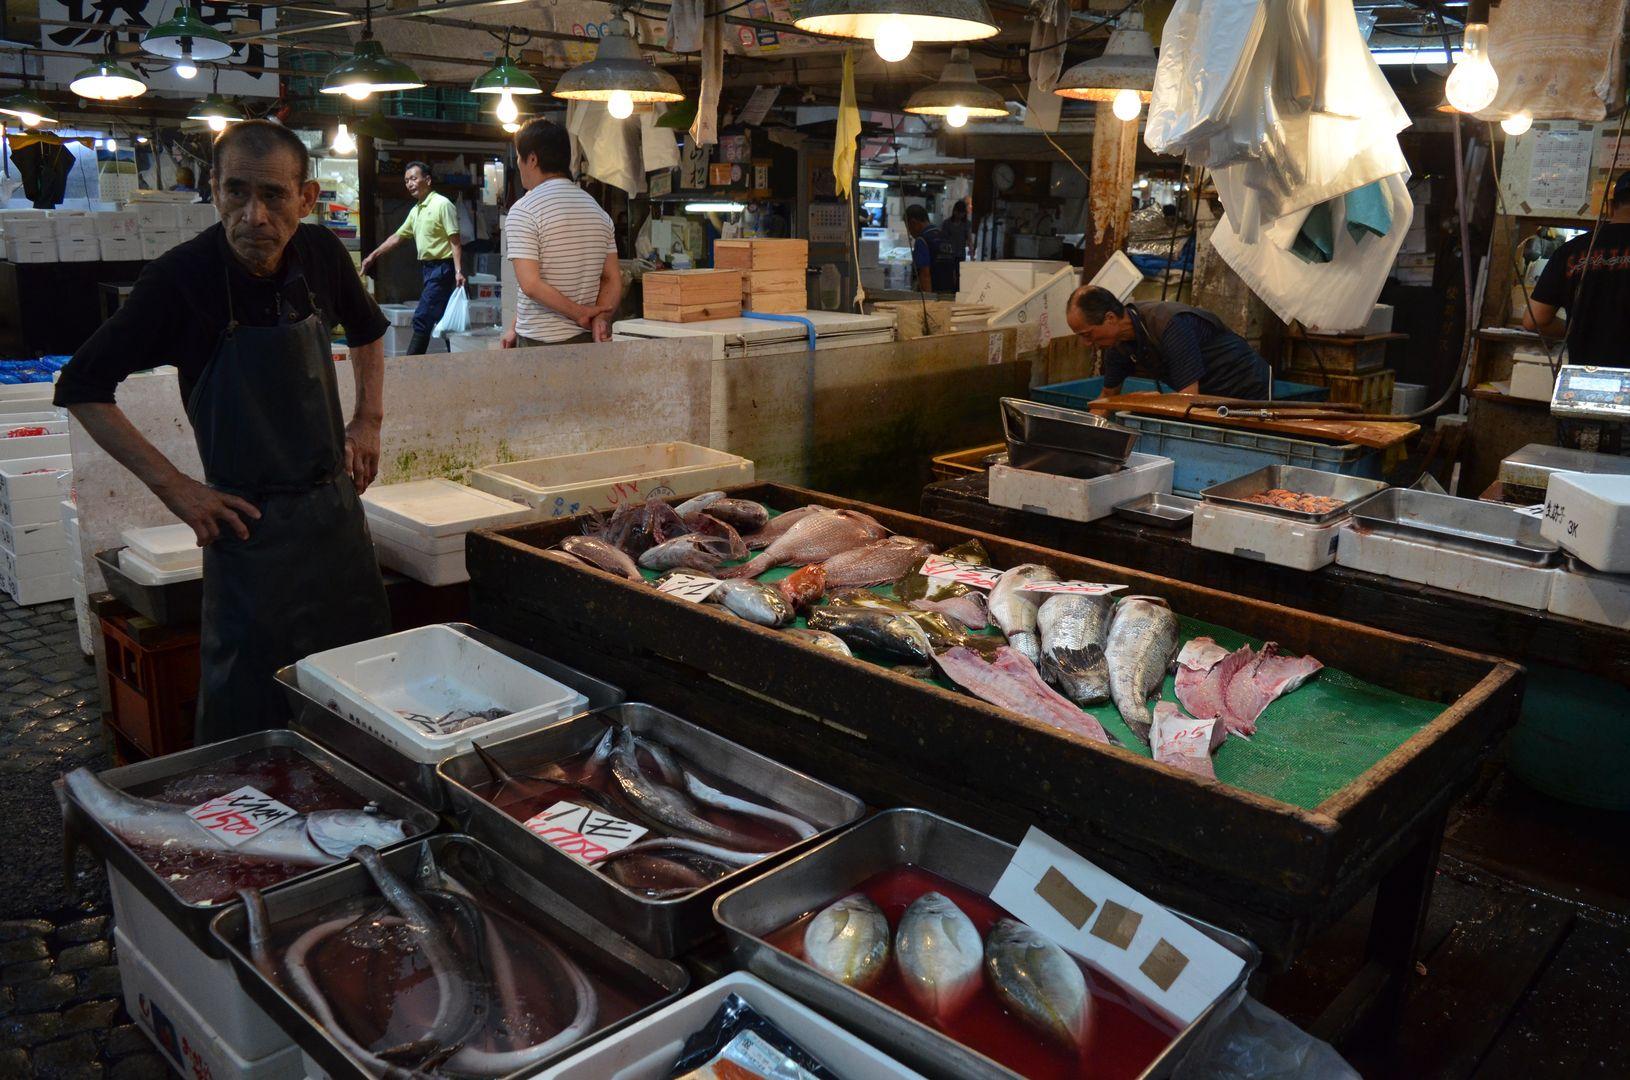 Verkauf auf dem Tsukiji Markt, Tokyo